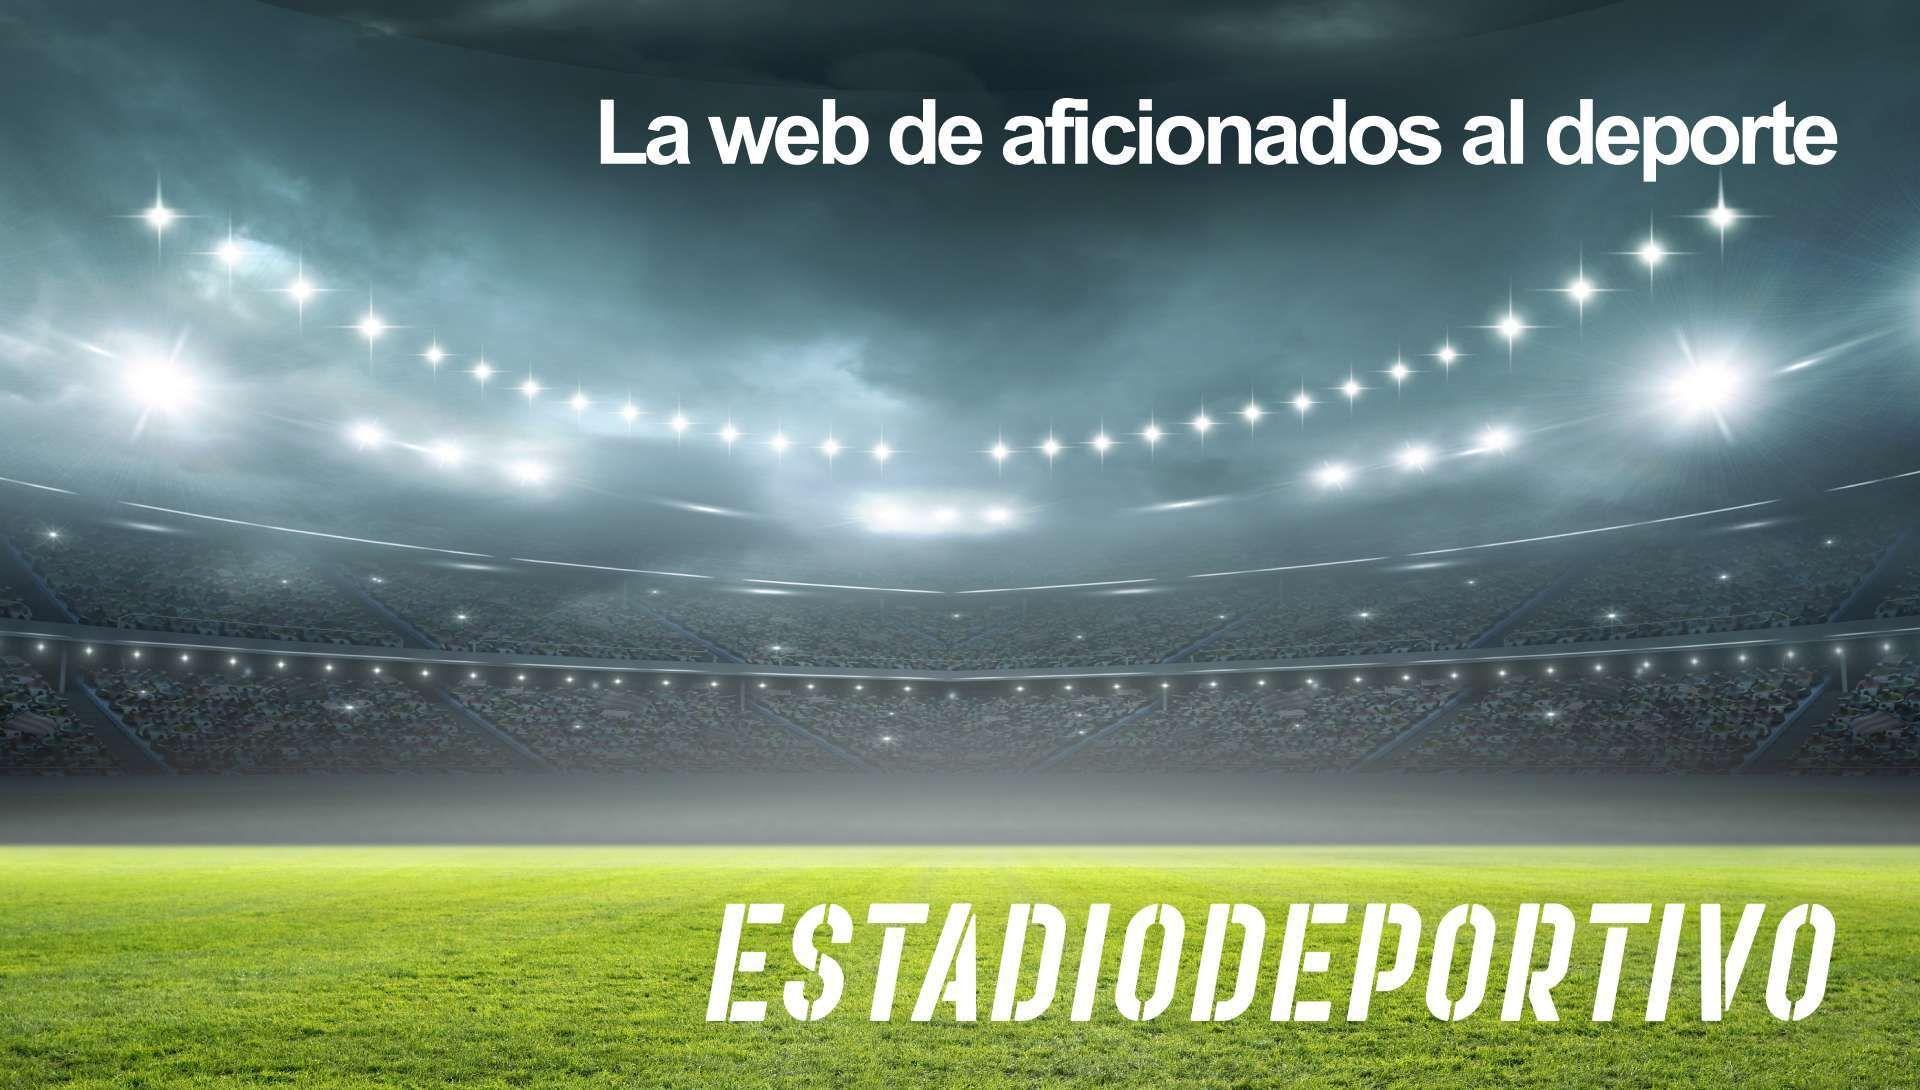 El Big Data 'ficha' un recambio para Mandi: bueno, joven y con plusvalía